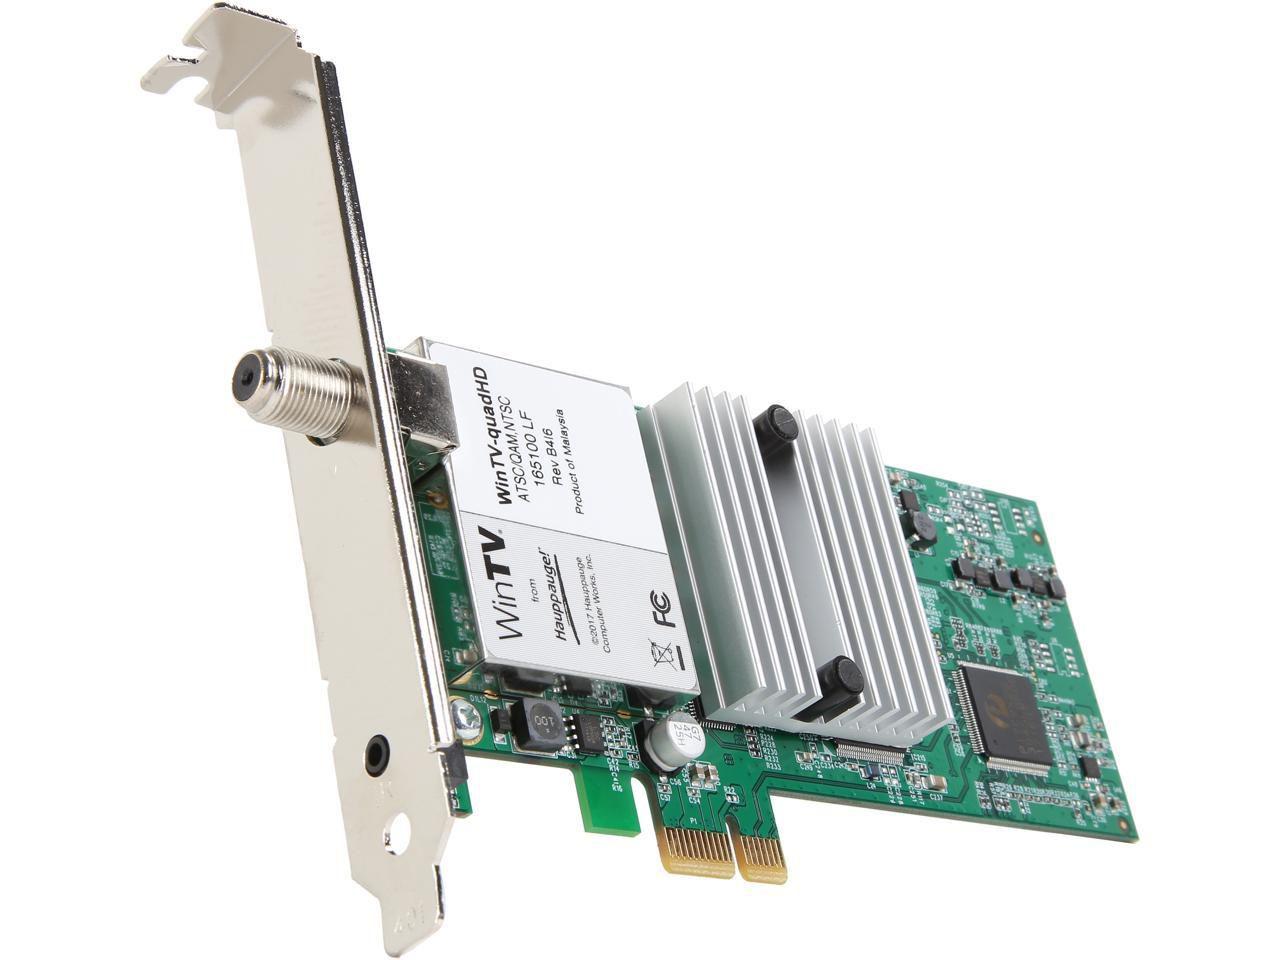 Hauppauge WinTV-quadHD (1609) Four Tuner Digital TV Receiver